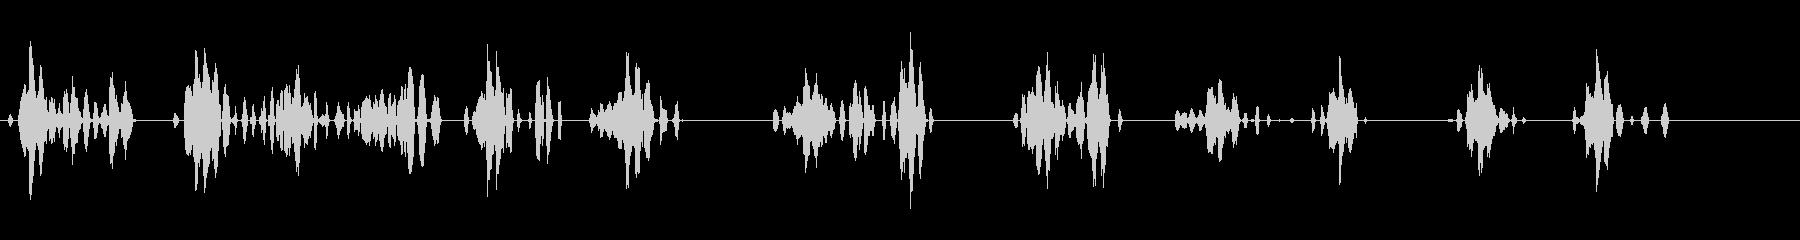 ガチョウ-アウトドア-の未再生の波形